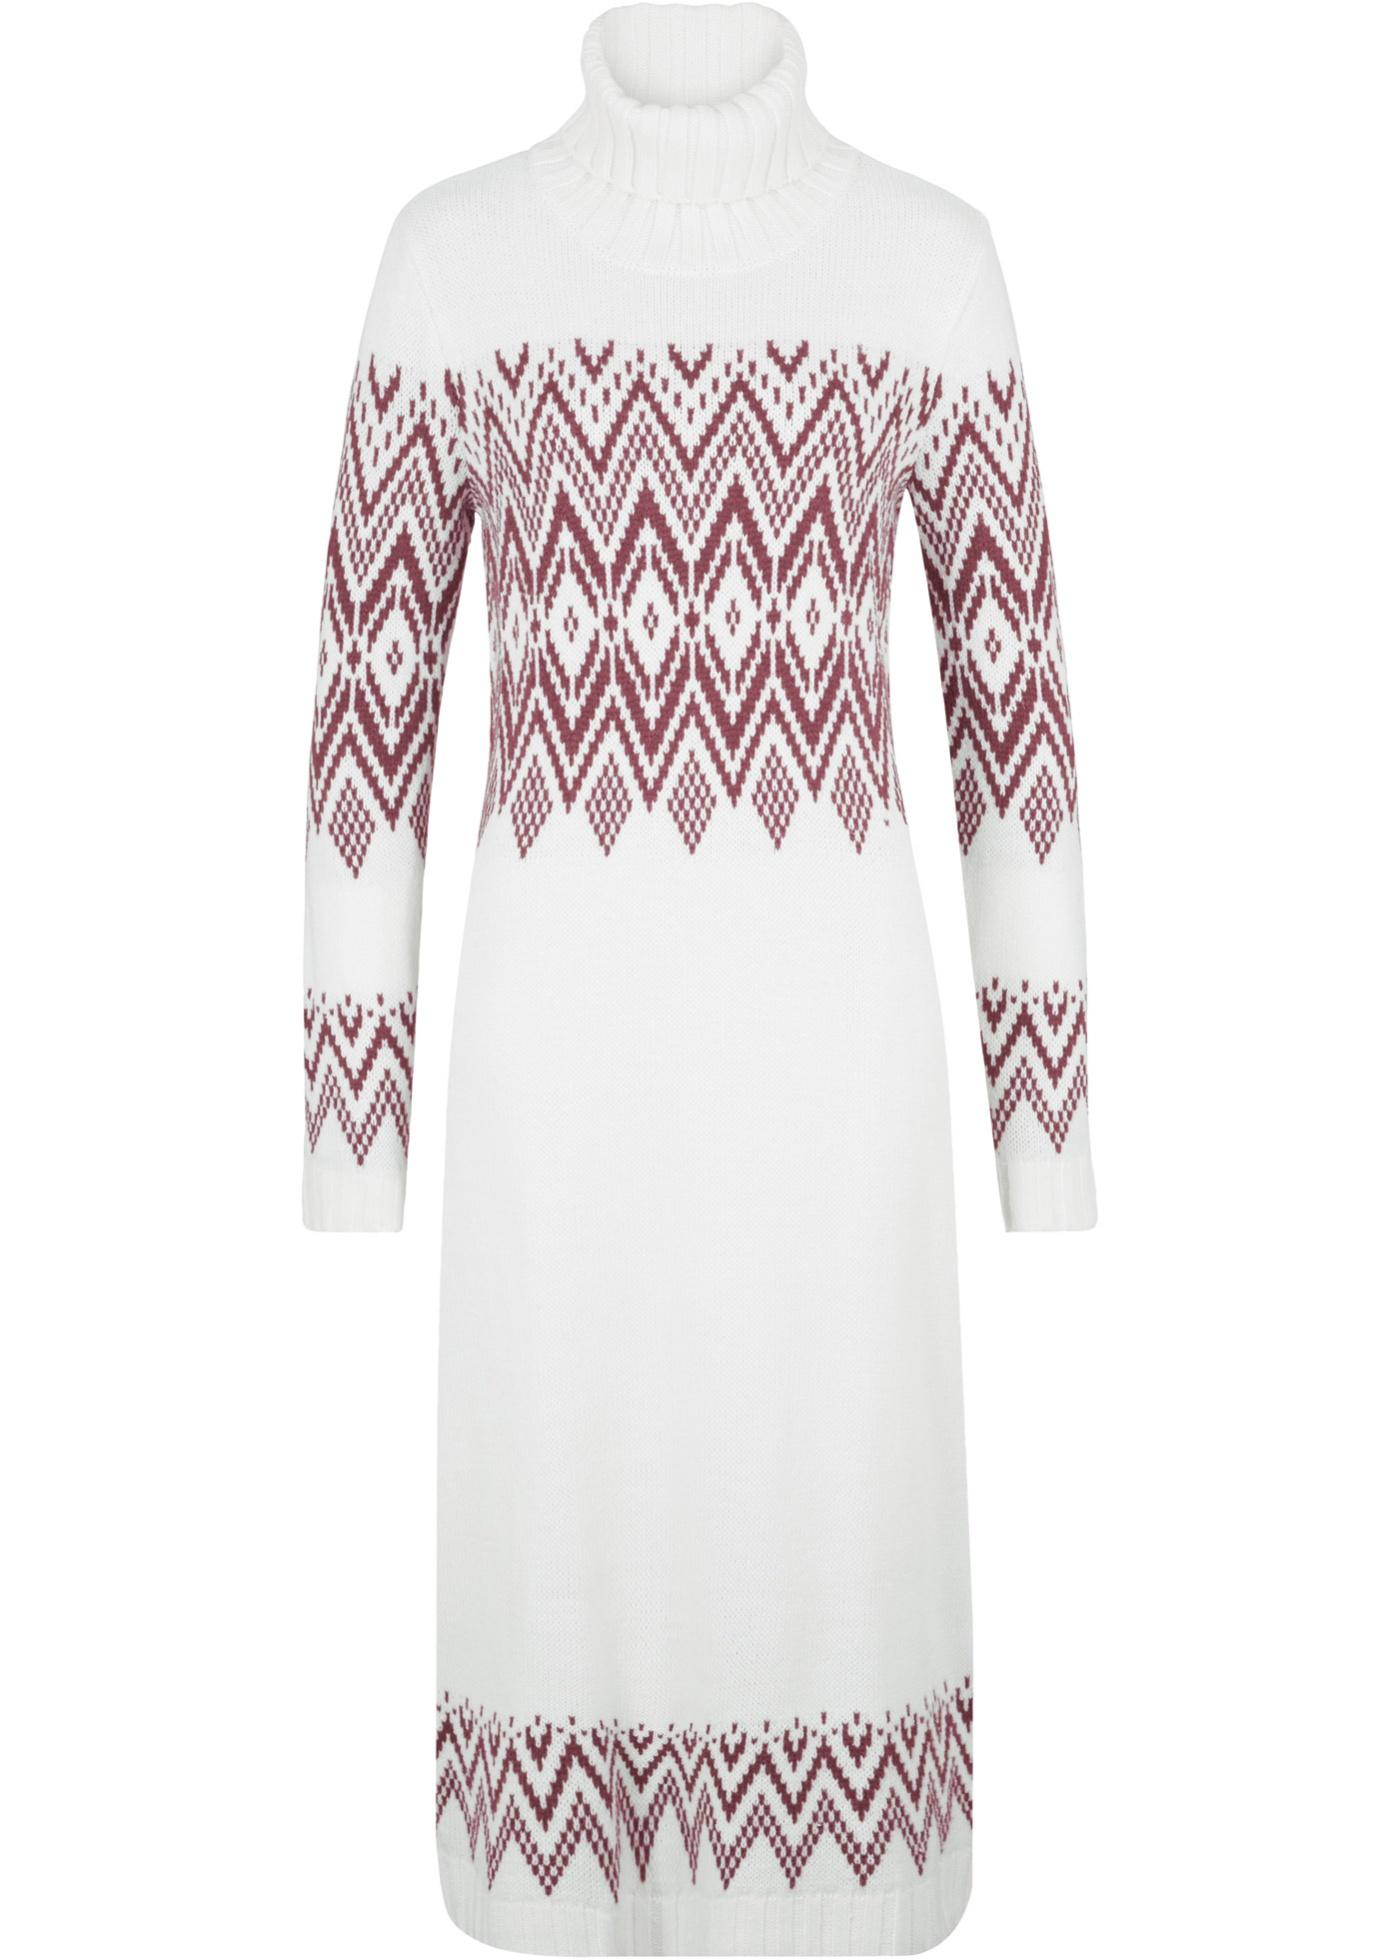 Levné Pletené maxišaty s norským vzorem | Bílá barva šatů